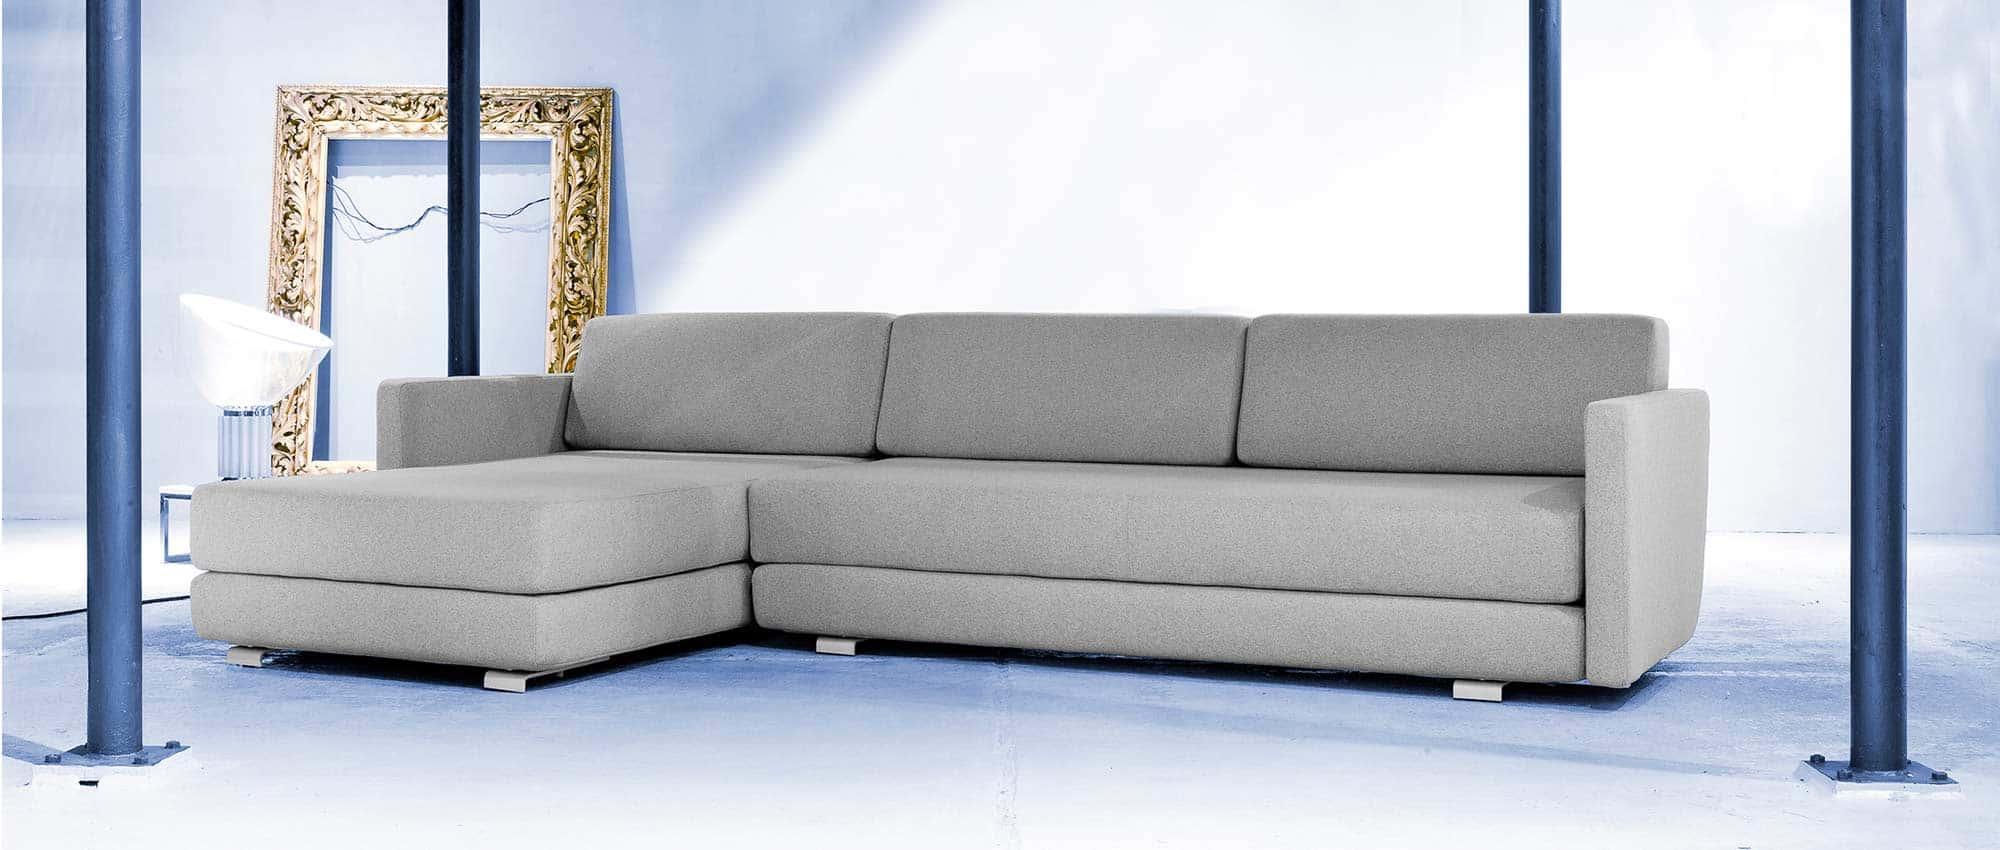 Full Size of Schlafsofa 160x200 Lounge Plus Softline Mbel Schlafsofas Und Designer Bett Betten Ikea Mit Stauraum Bettkasten Liegefläche 180x200 Weiß Weißes Komplett Wohnzimmer Schlafsofa 160x200